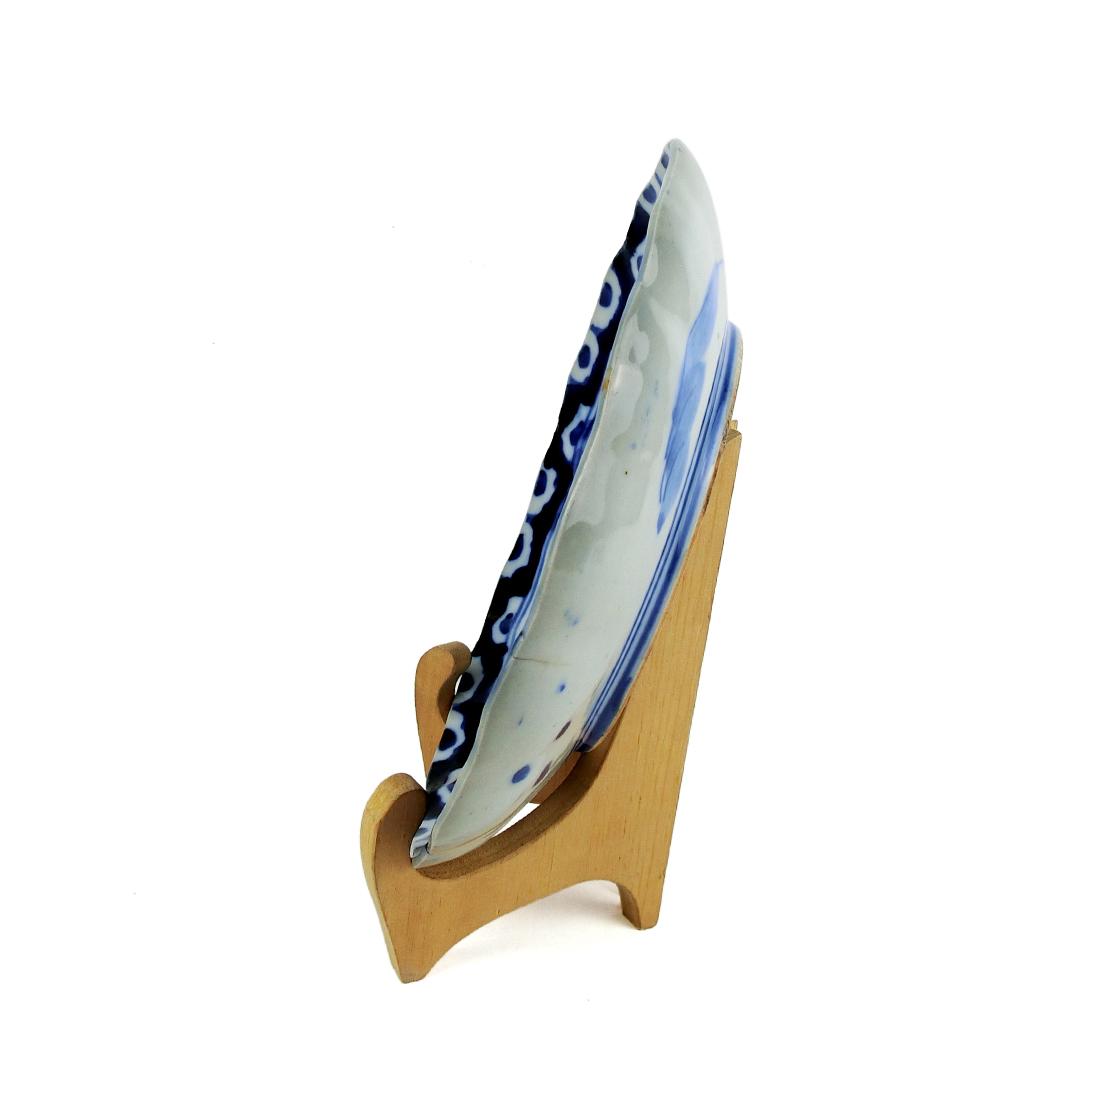 Dĩa Men Lam Sơn Thủy Tùng Xưa - Nhật - 22 x 2 cm - 532067